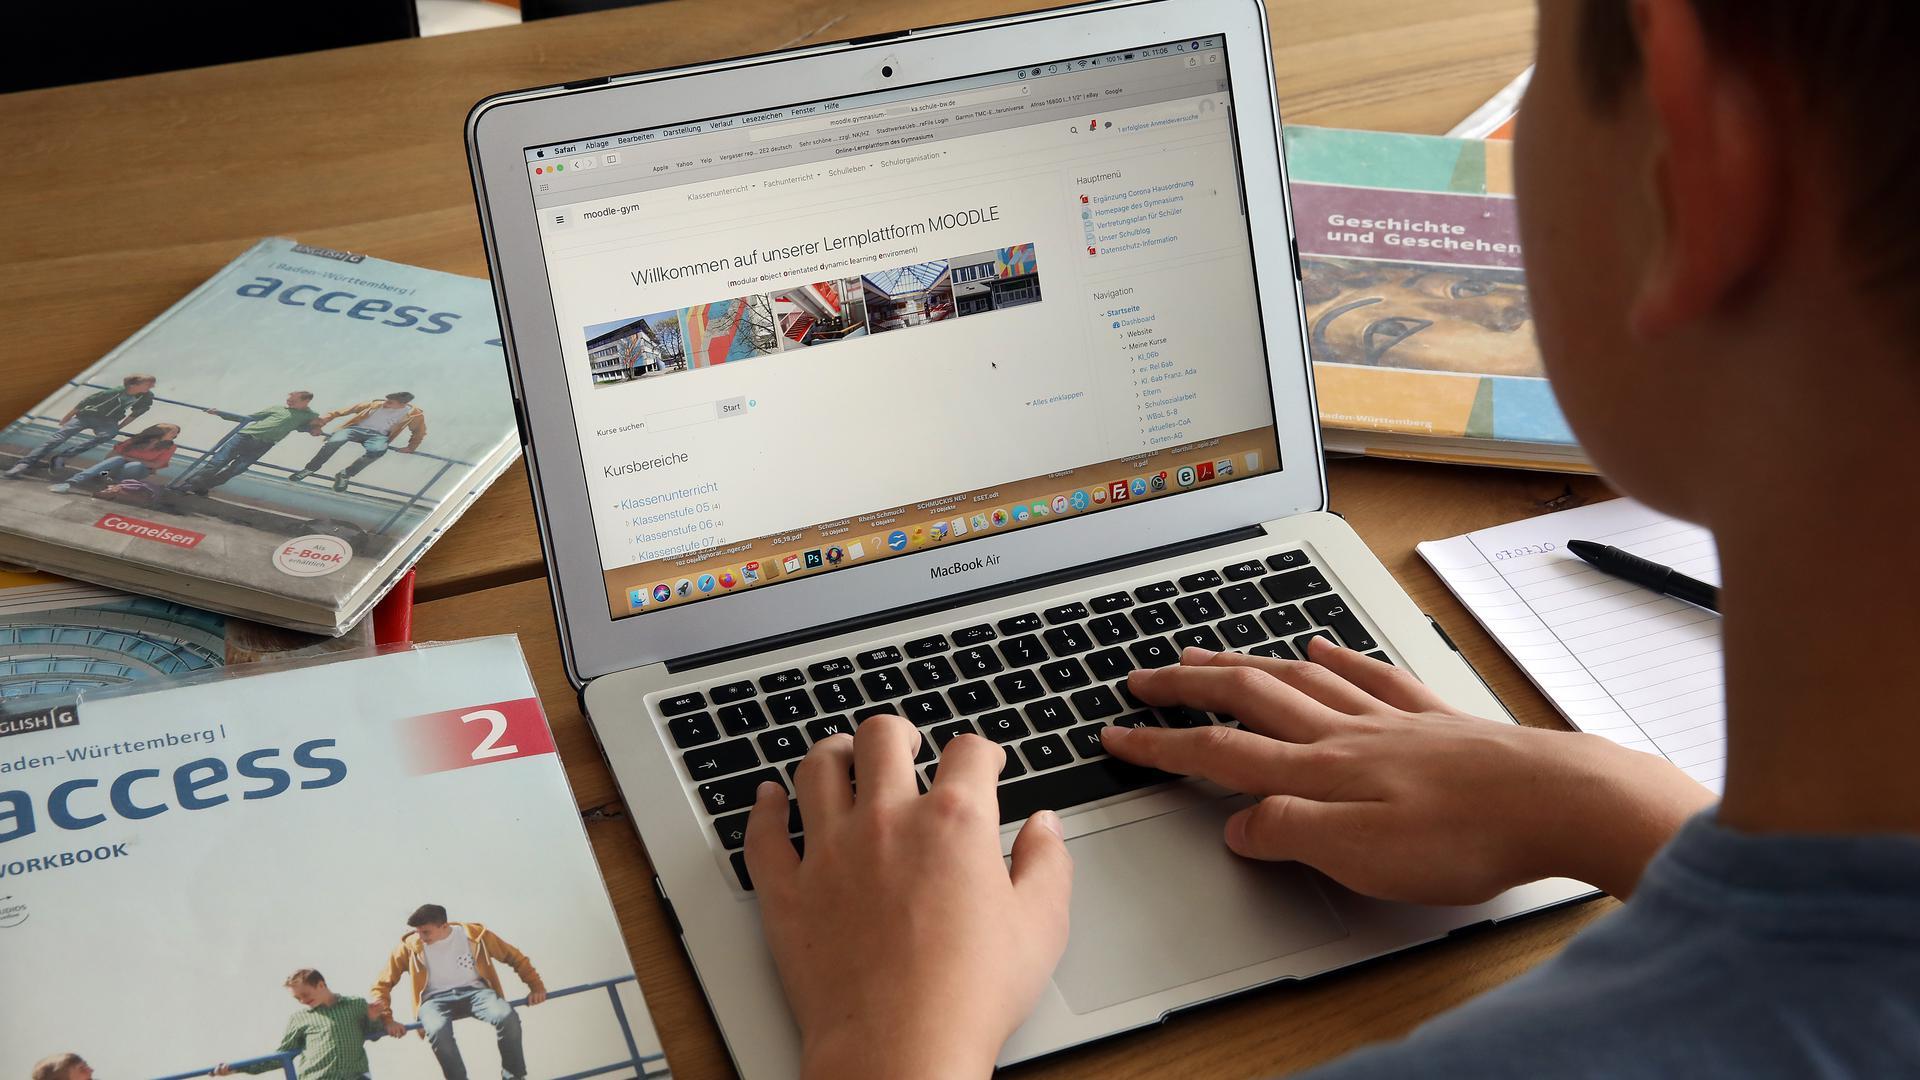 Während der Corona-Krise mussten Schüler zuhause lernen und arbeiten. Wie sicher das auch künftig in puncto Datenschutz ist, ist umstritten.